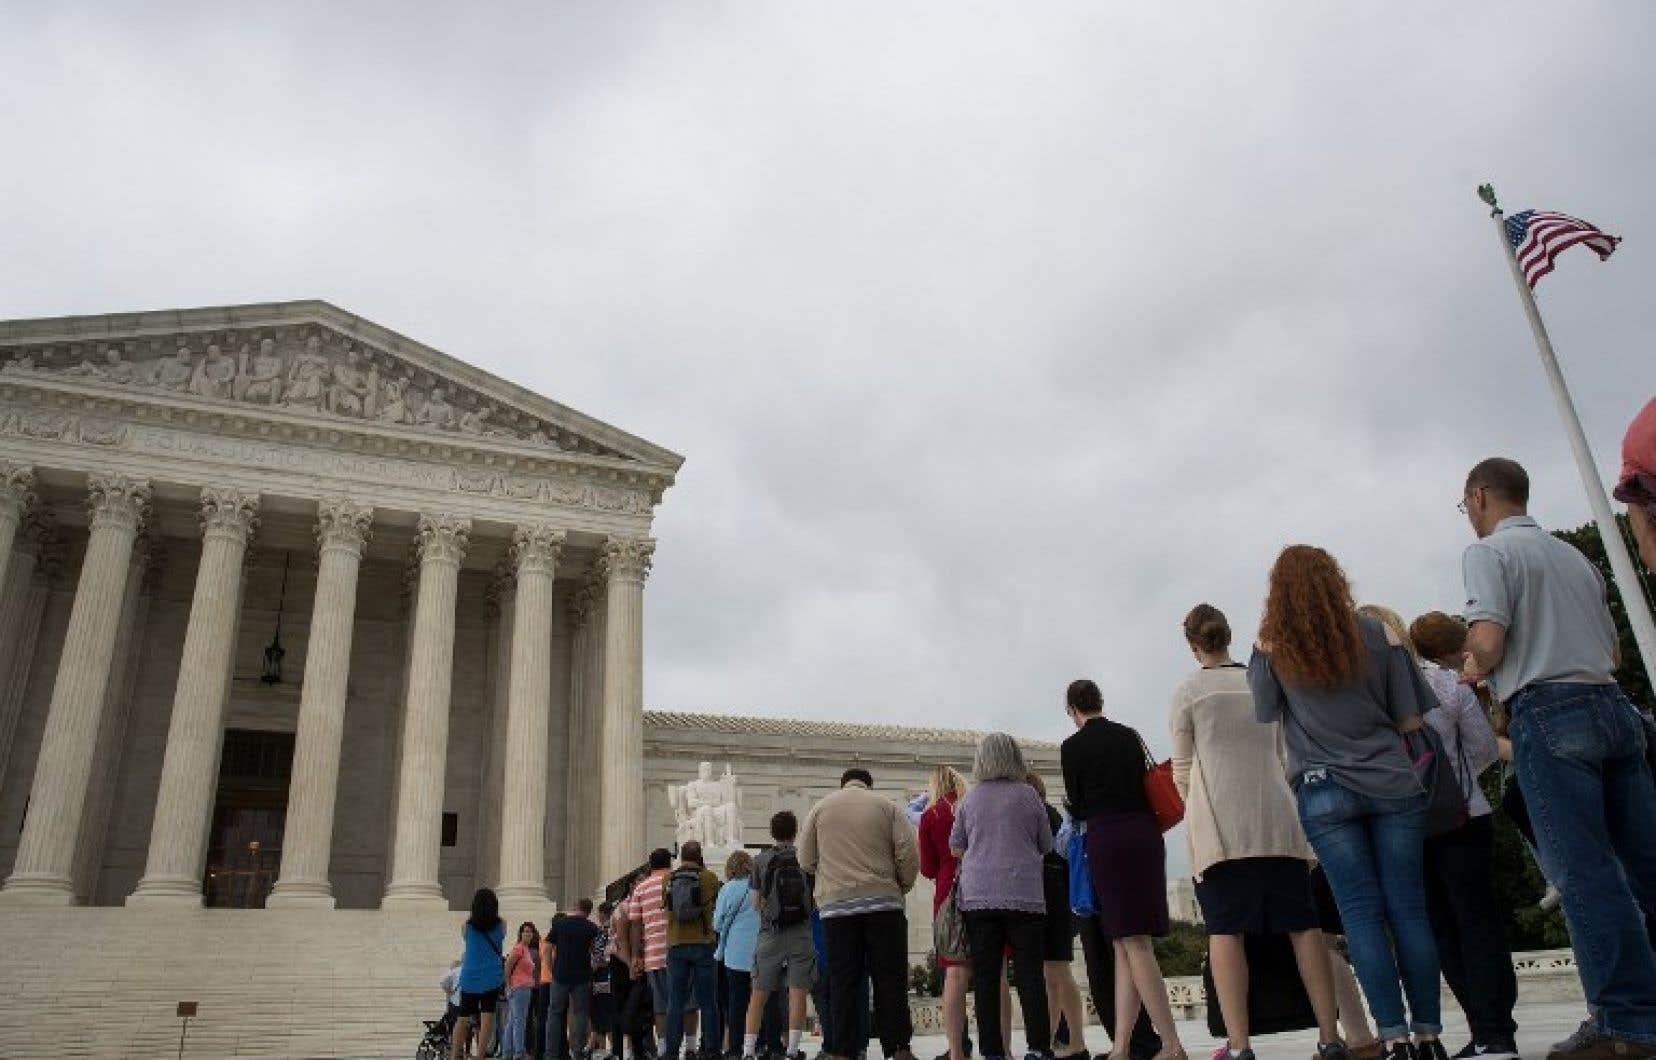 File d'attente pour entrer dans le bâtiment de la Cour suprême, à Washington